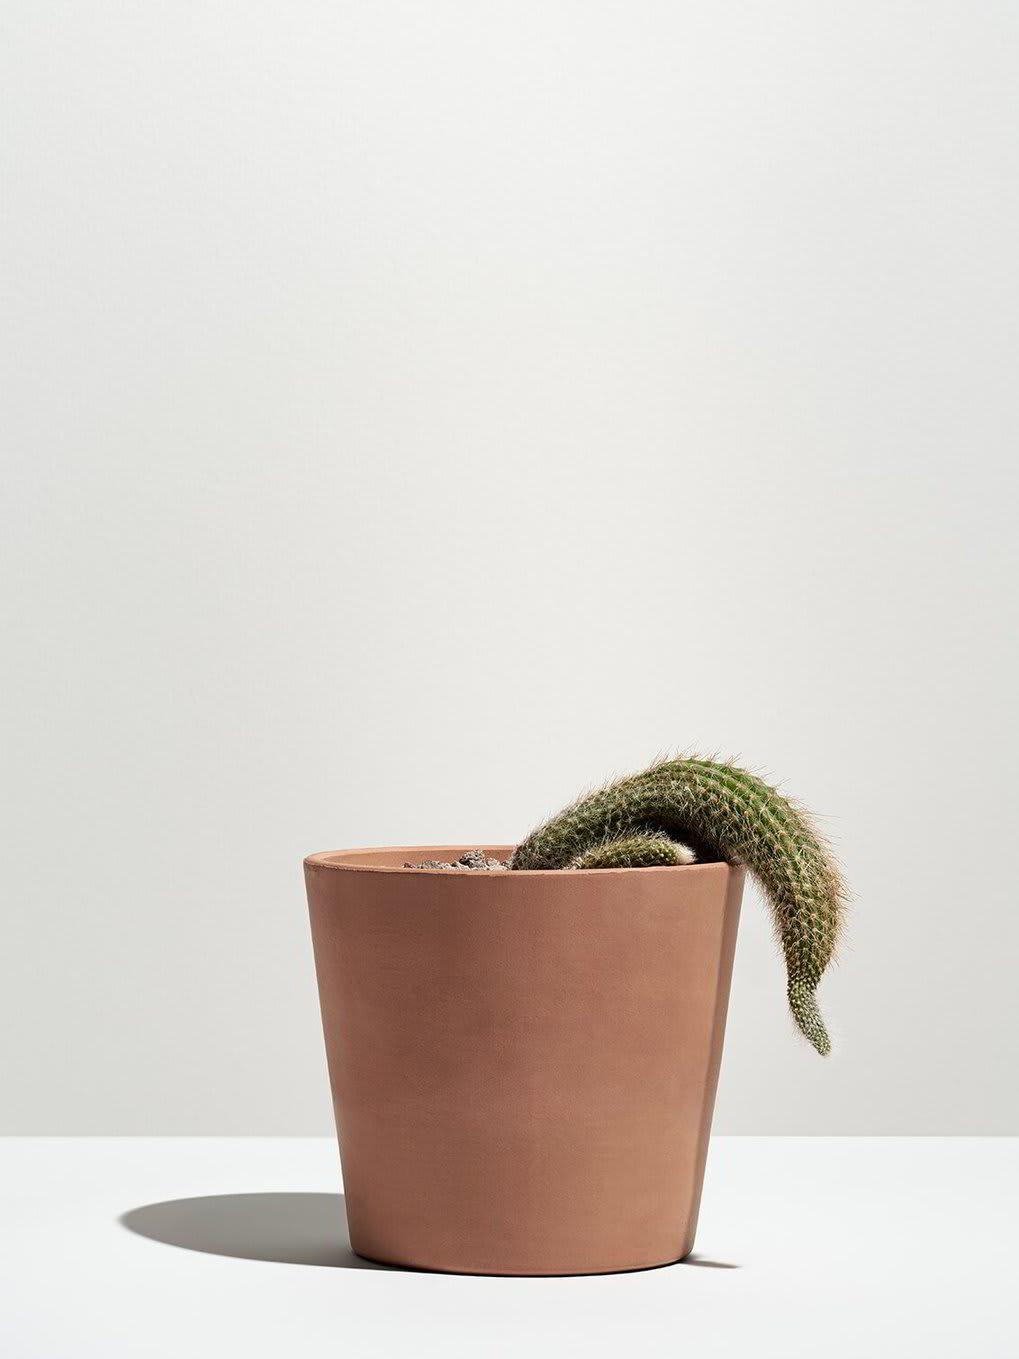 A wilting cactus